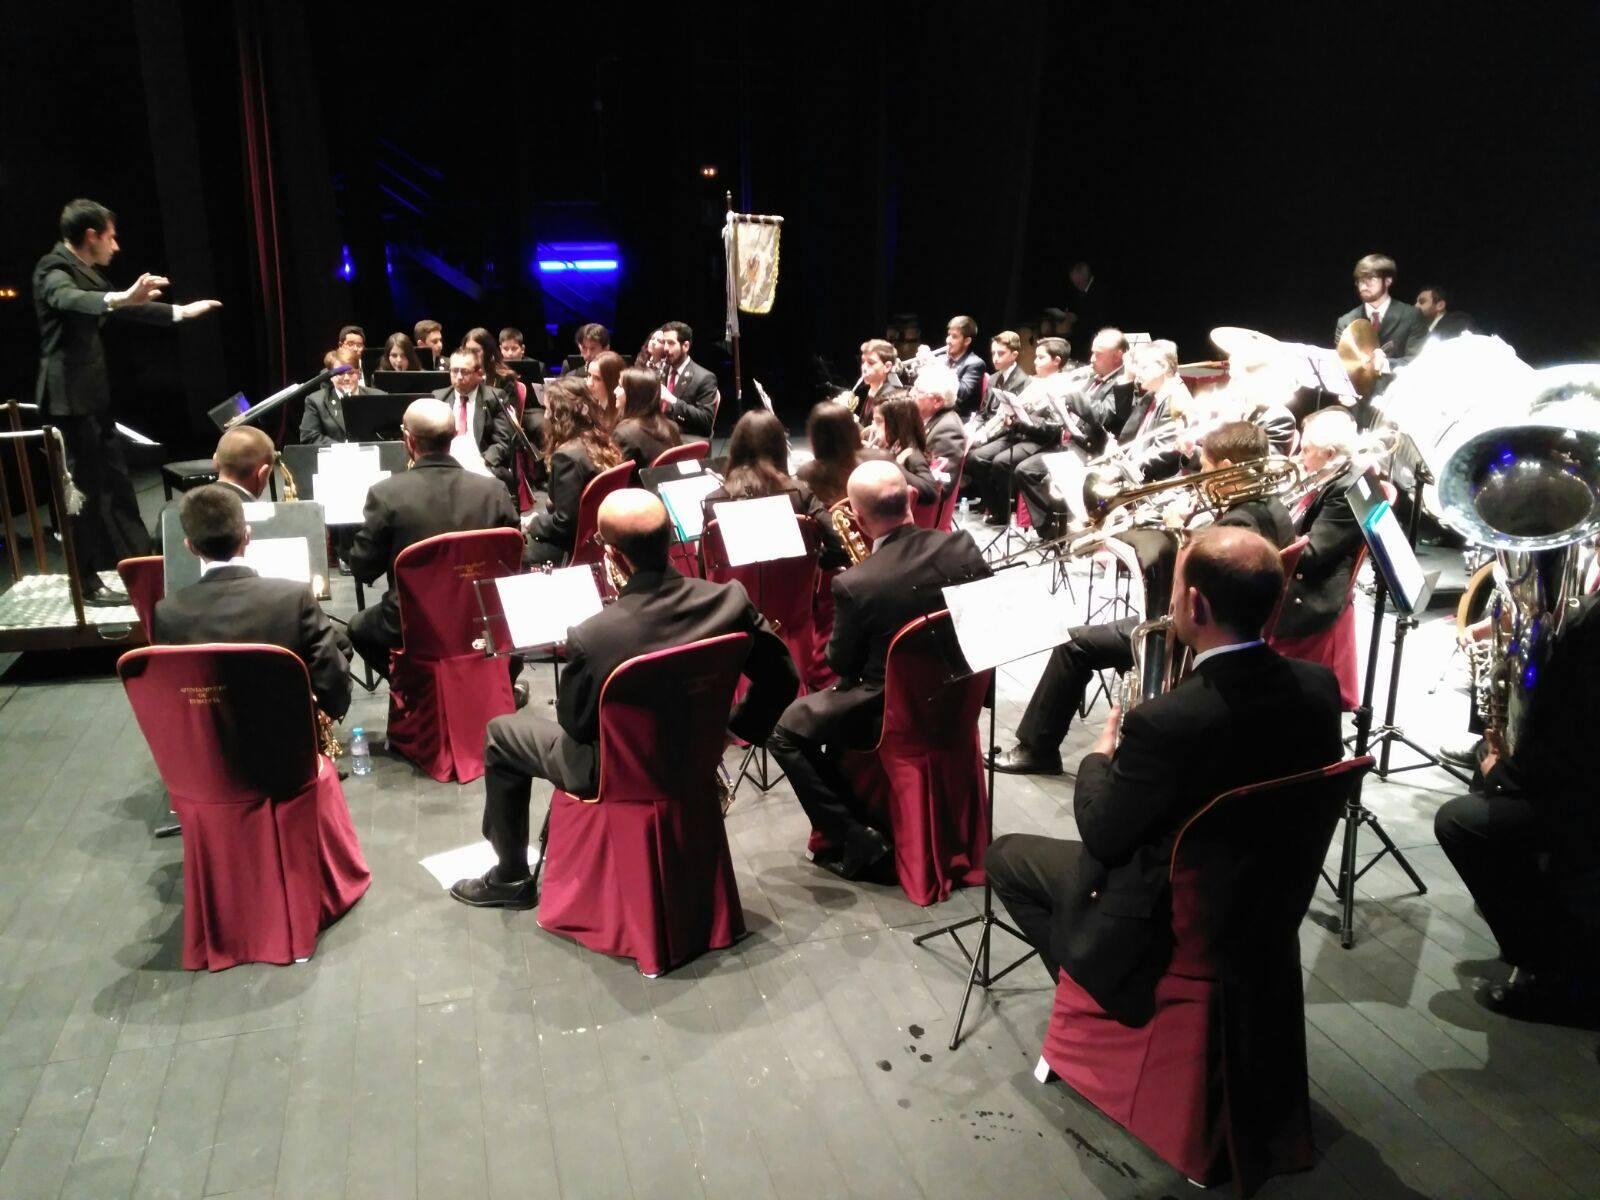 concierto de bandas de musica en herencia - Una noche de música con el concierto de Bandas de Música en Herencia